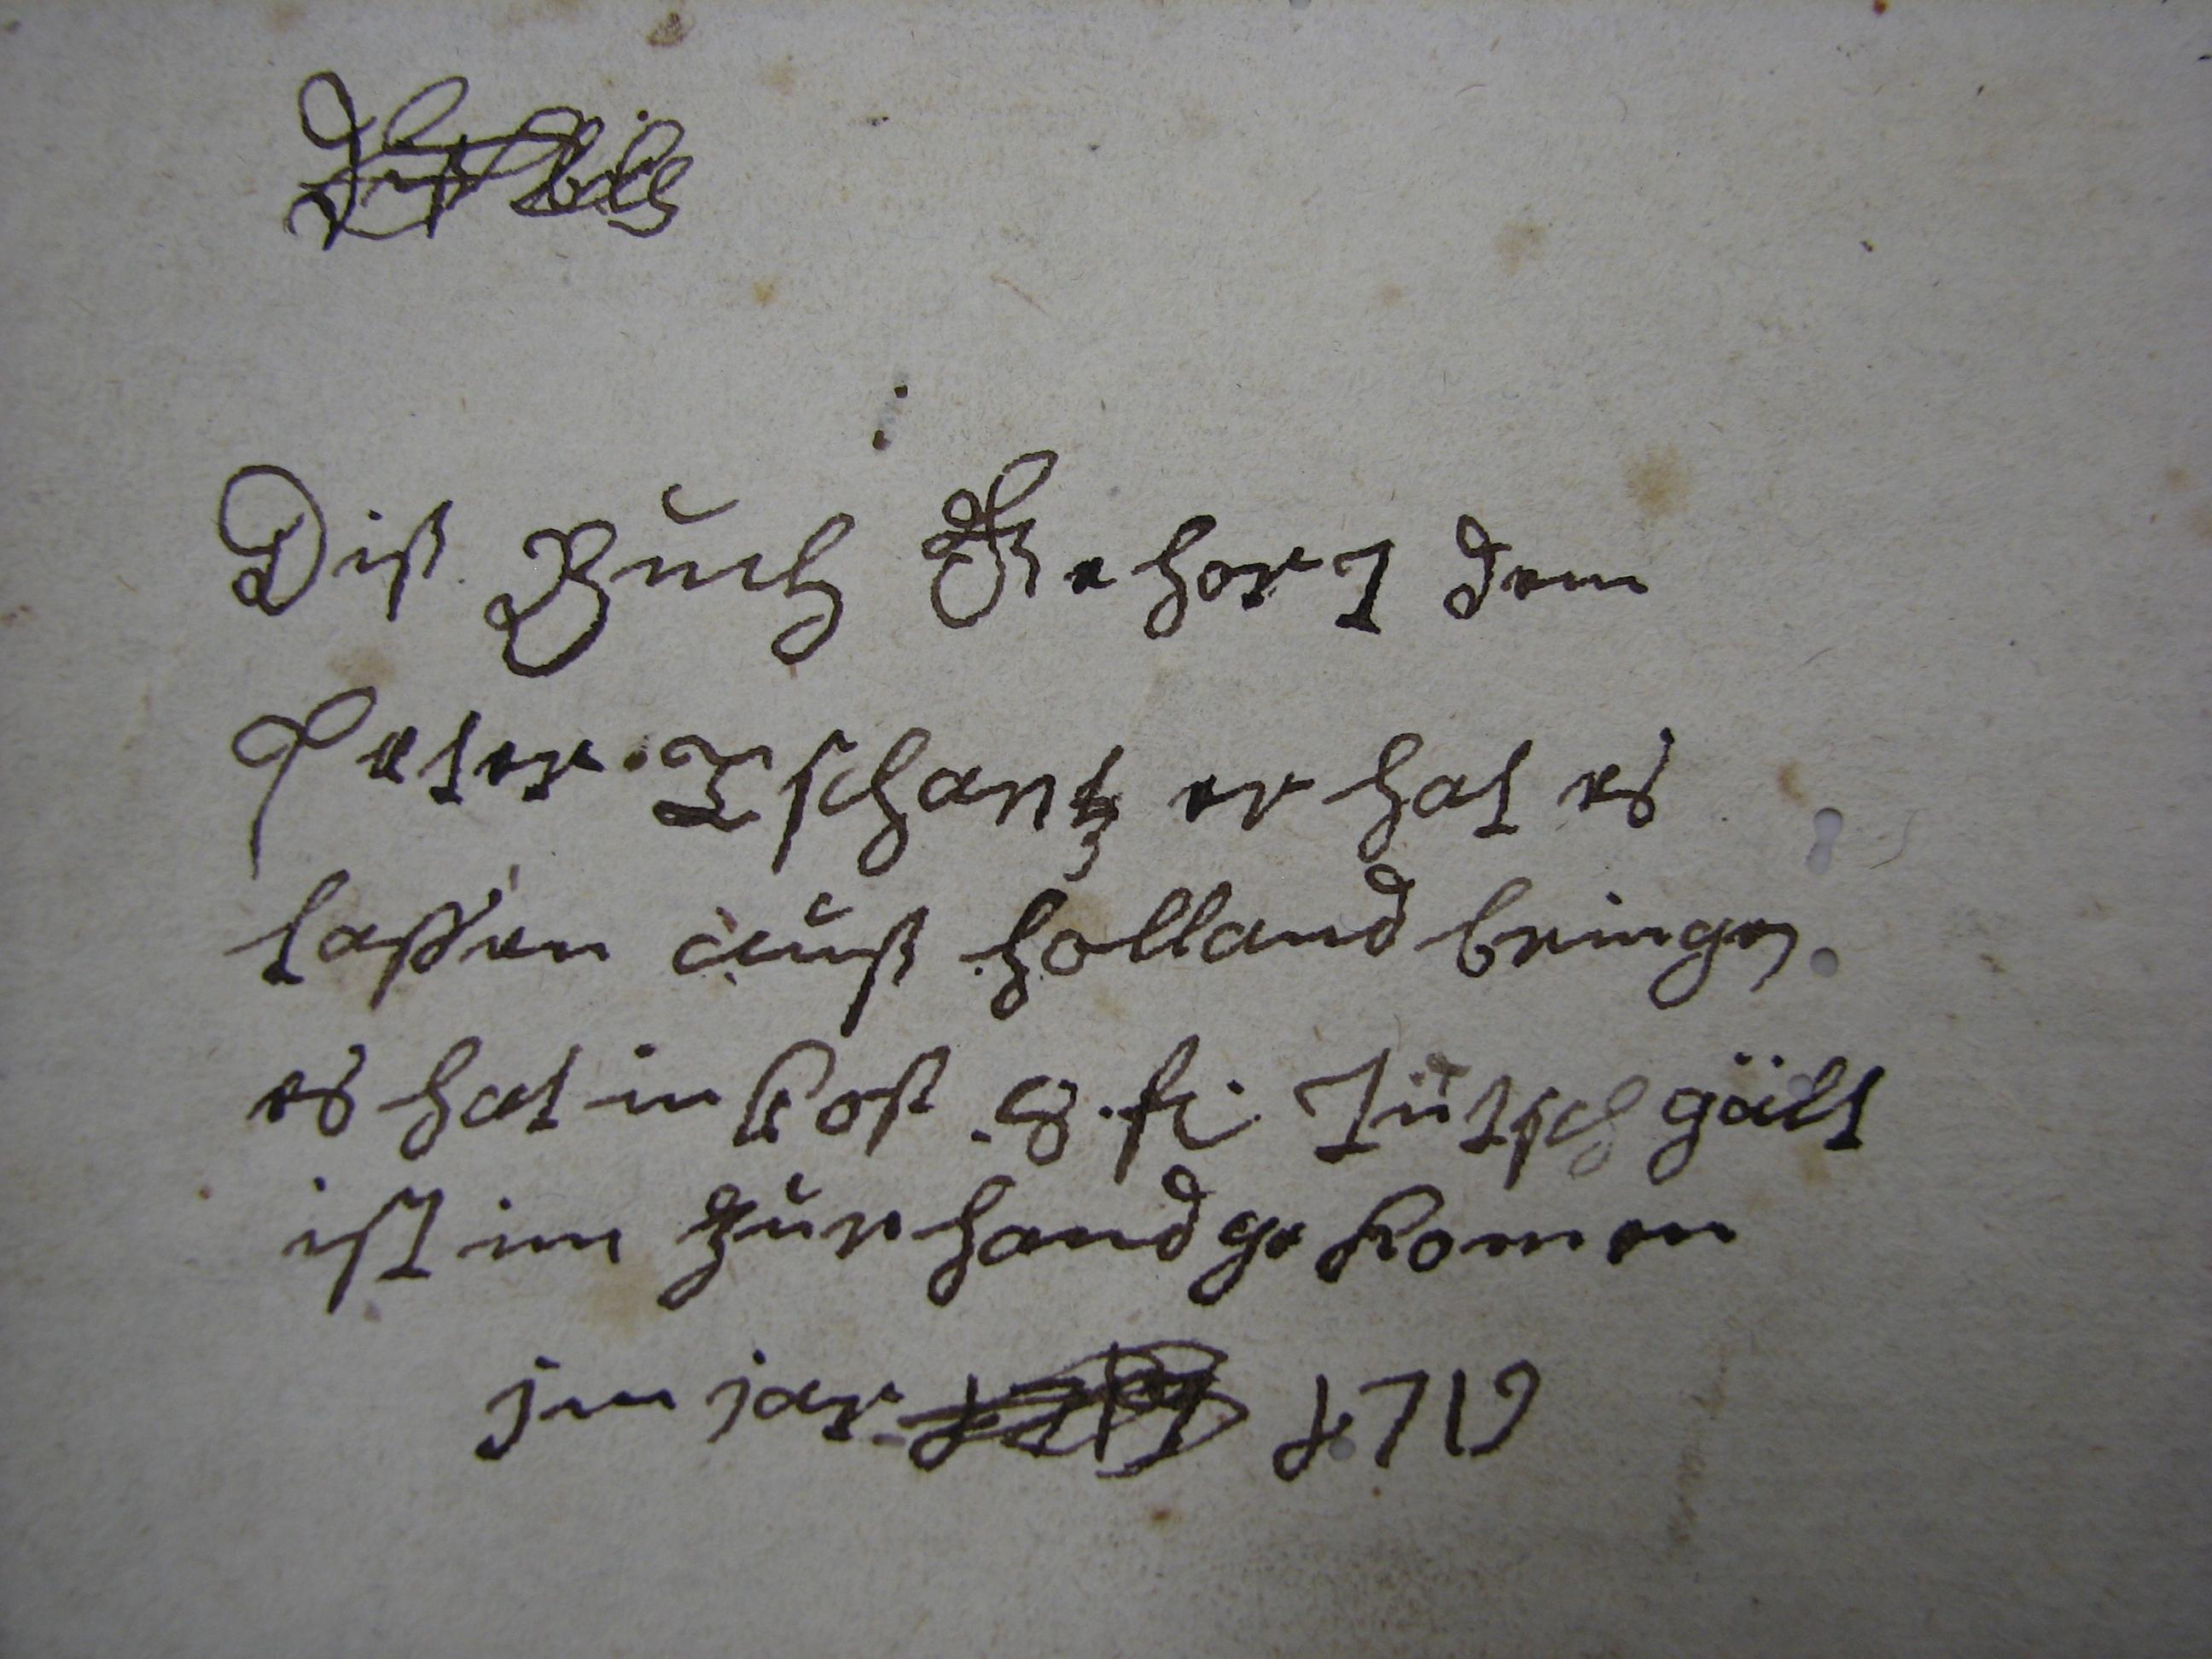 Spiegel Letters Bestellen : Lieber lord chandosu c spahr roland spiegel u buch gebraucht